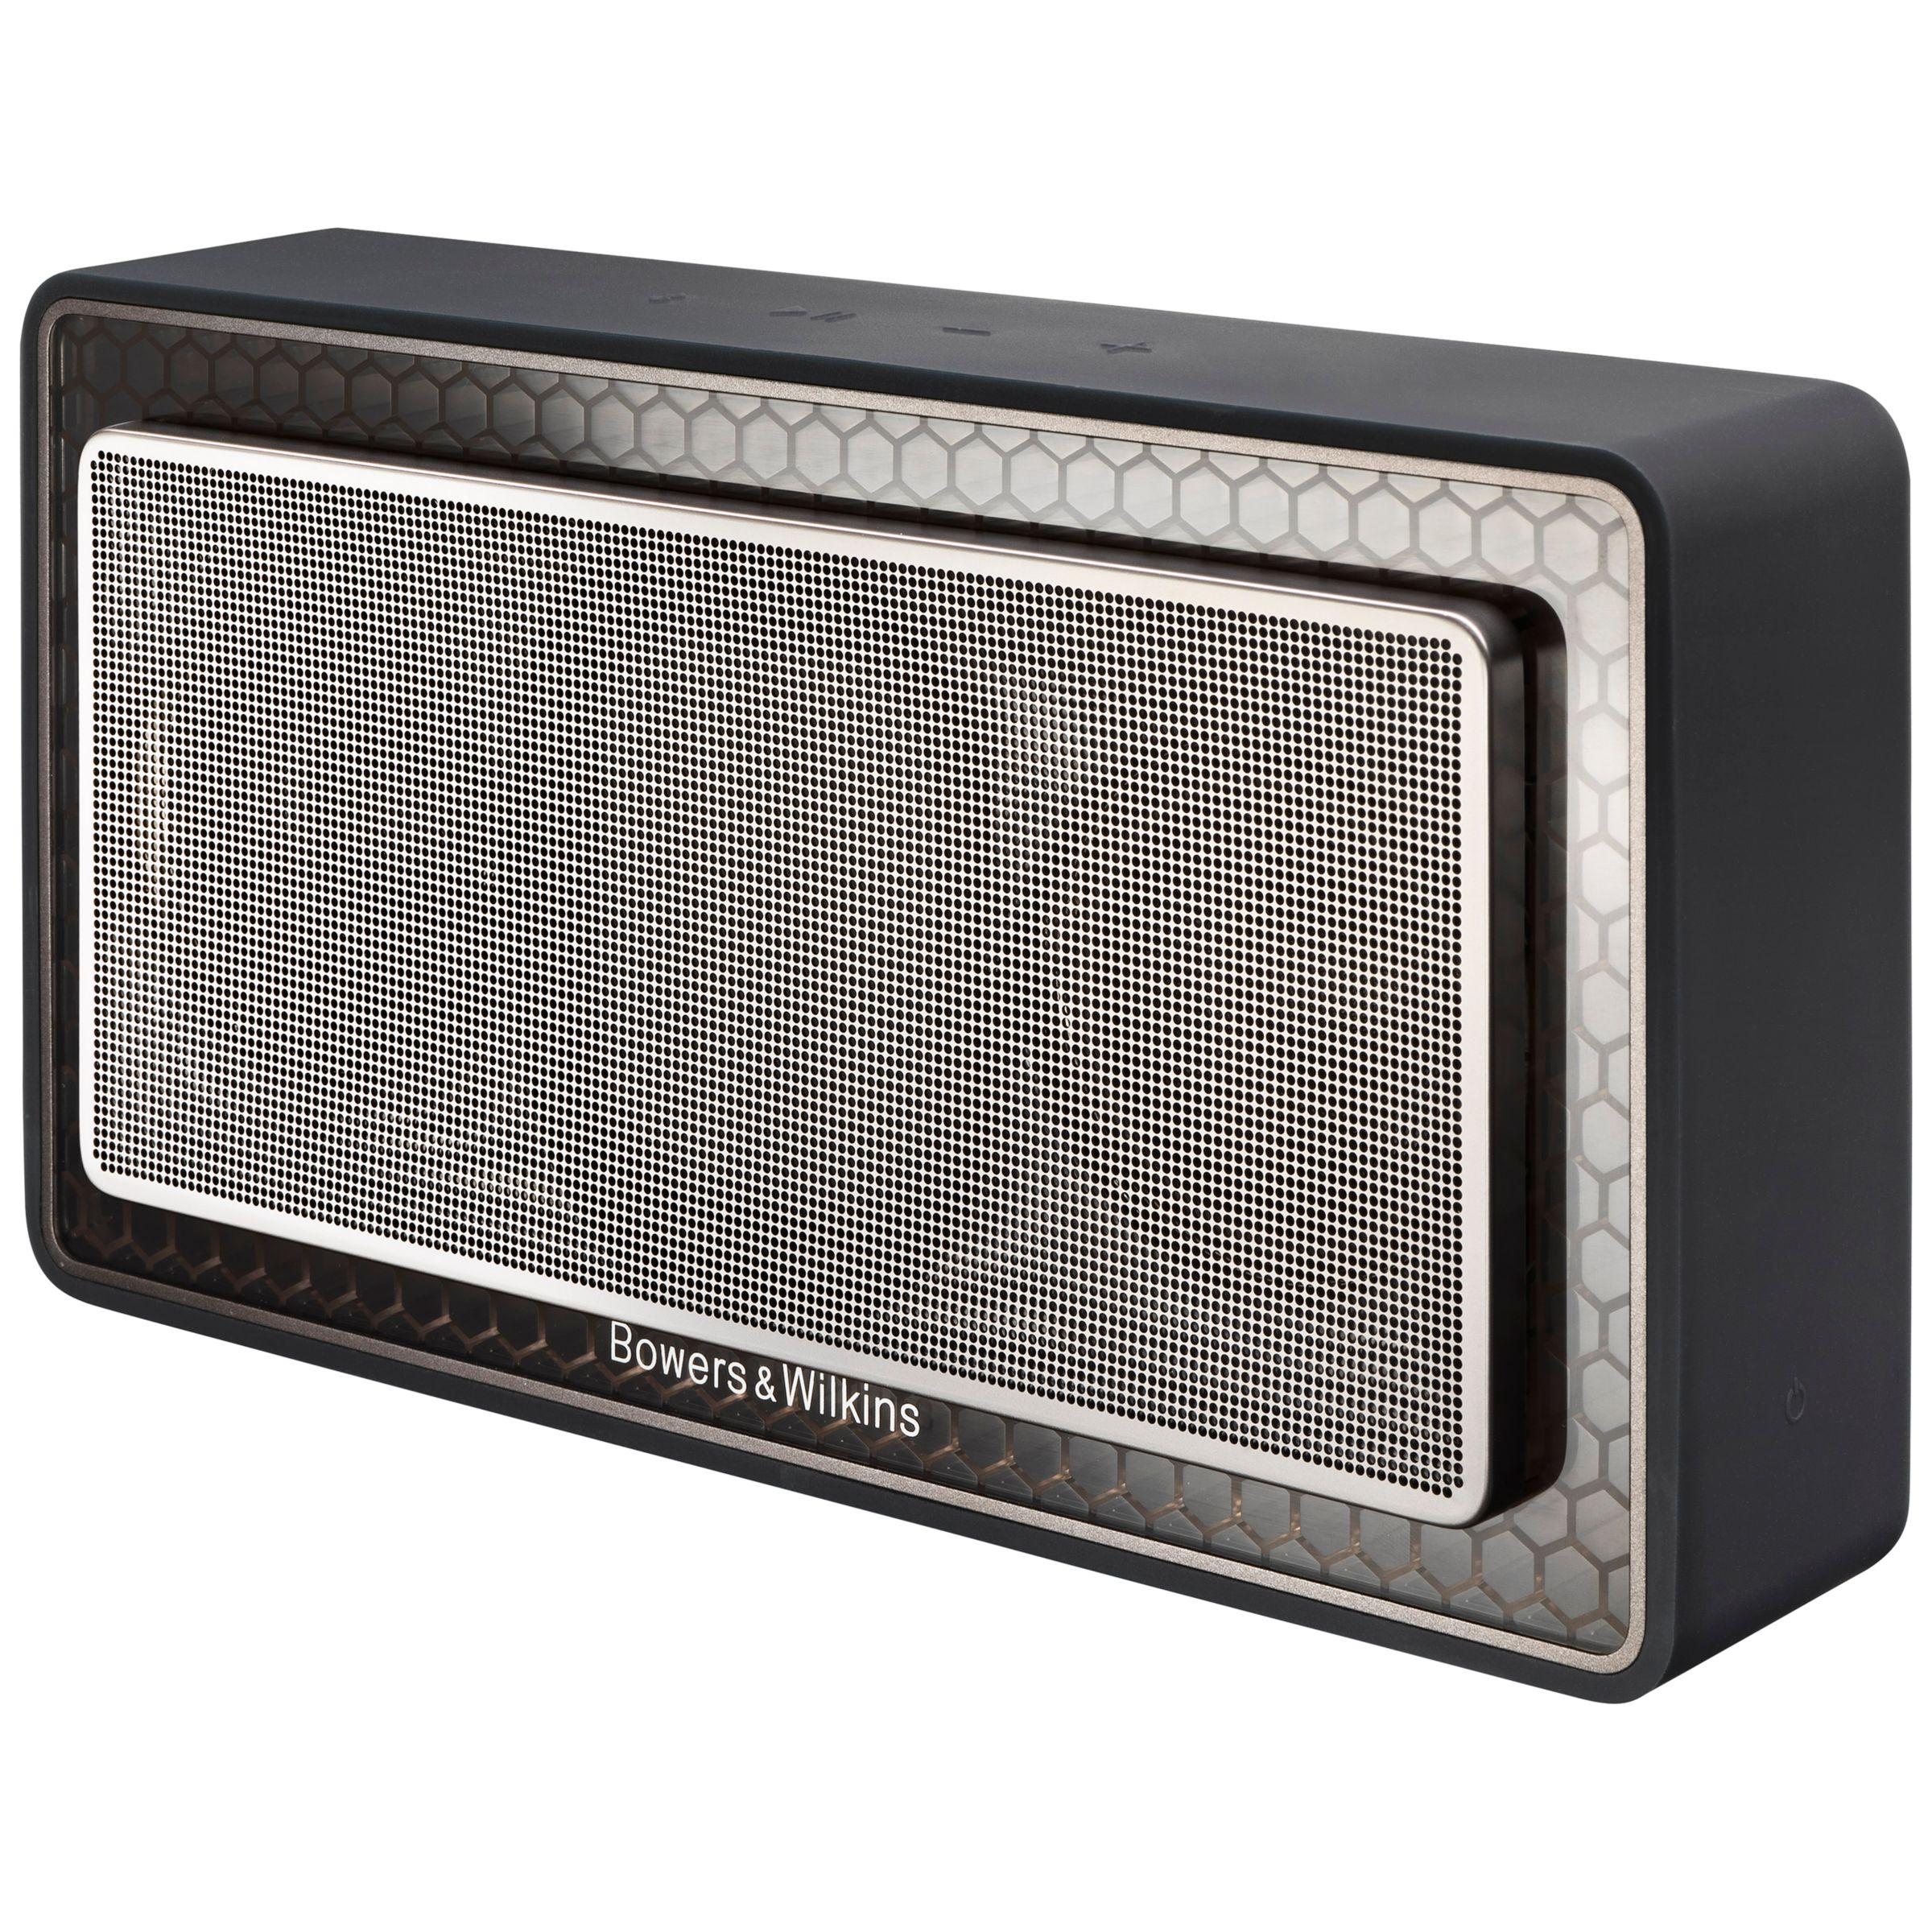 Bowers & Wilkins Bowers & Wilkins T7 Portable Wireless Bluetooth Speaker